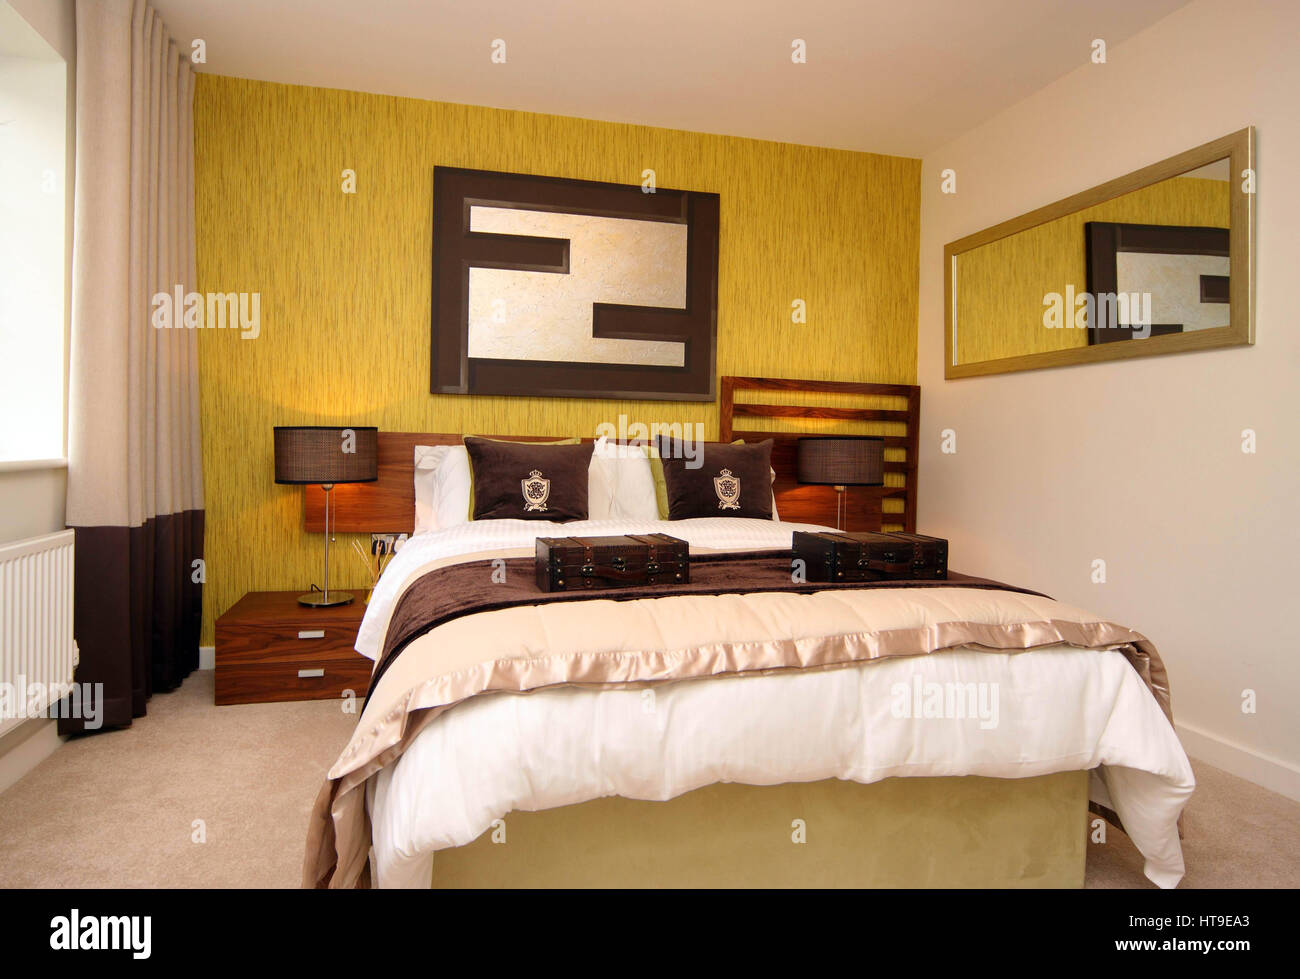 Wohngebäude, Schlafzimmer, Wand Funktion, Grün, Gelb, Spiegel, Nachttische,  Lampen, Kissen,